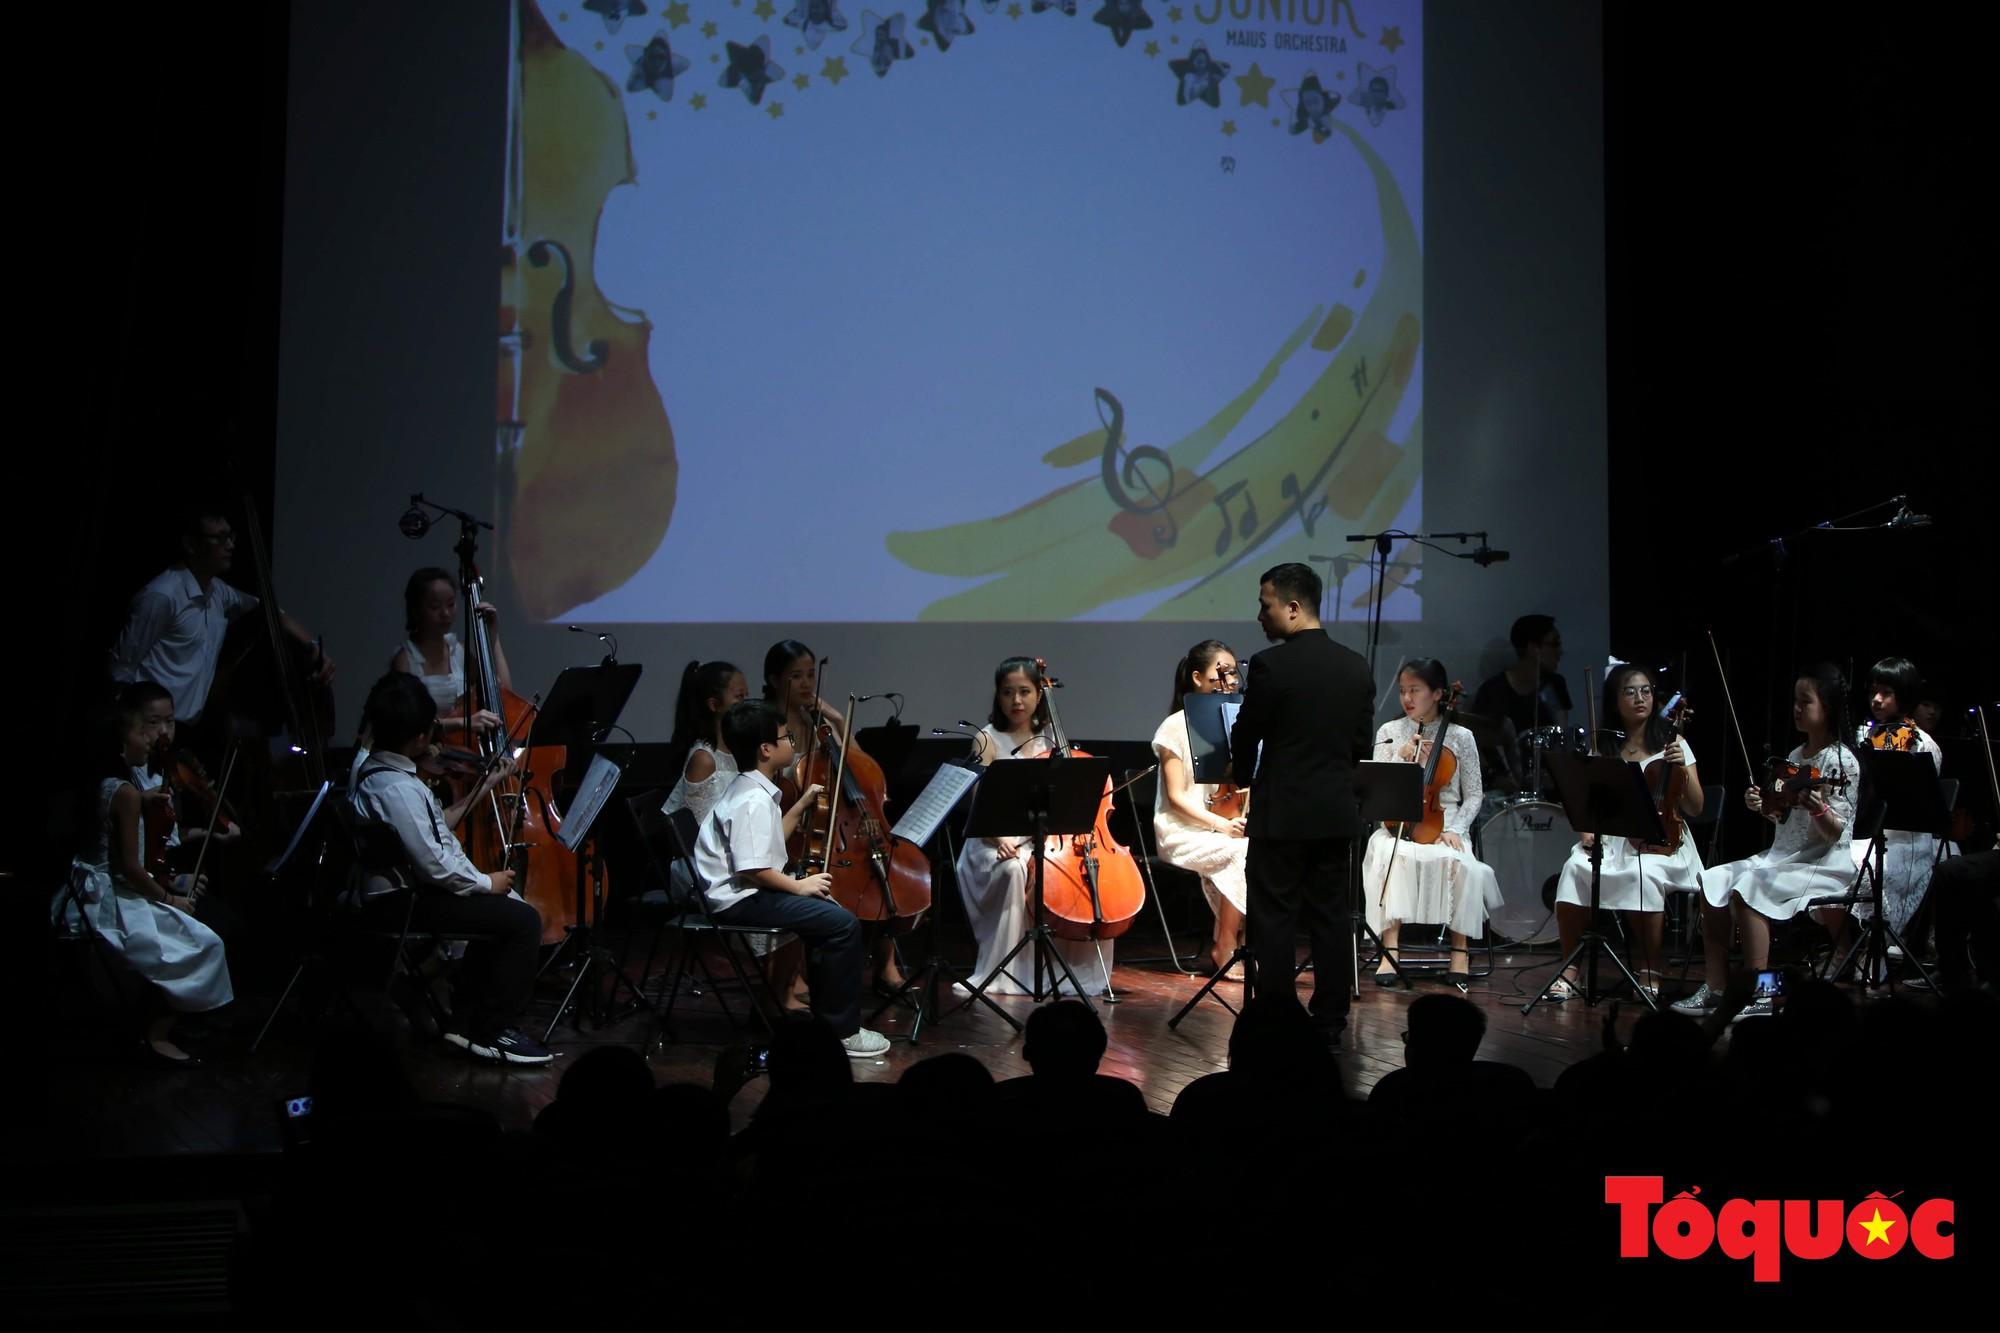 Dàn nhạc giao hưởng nhí đầu tiên của Việt Nam biểu diễn gây quỹ từ thiện (15)